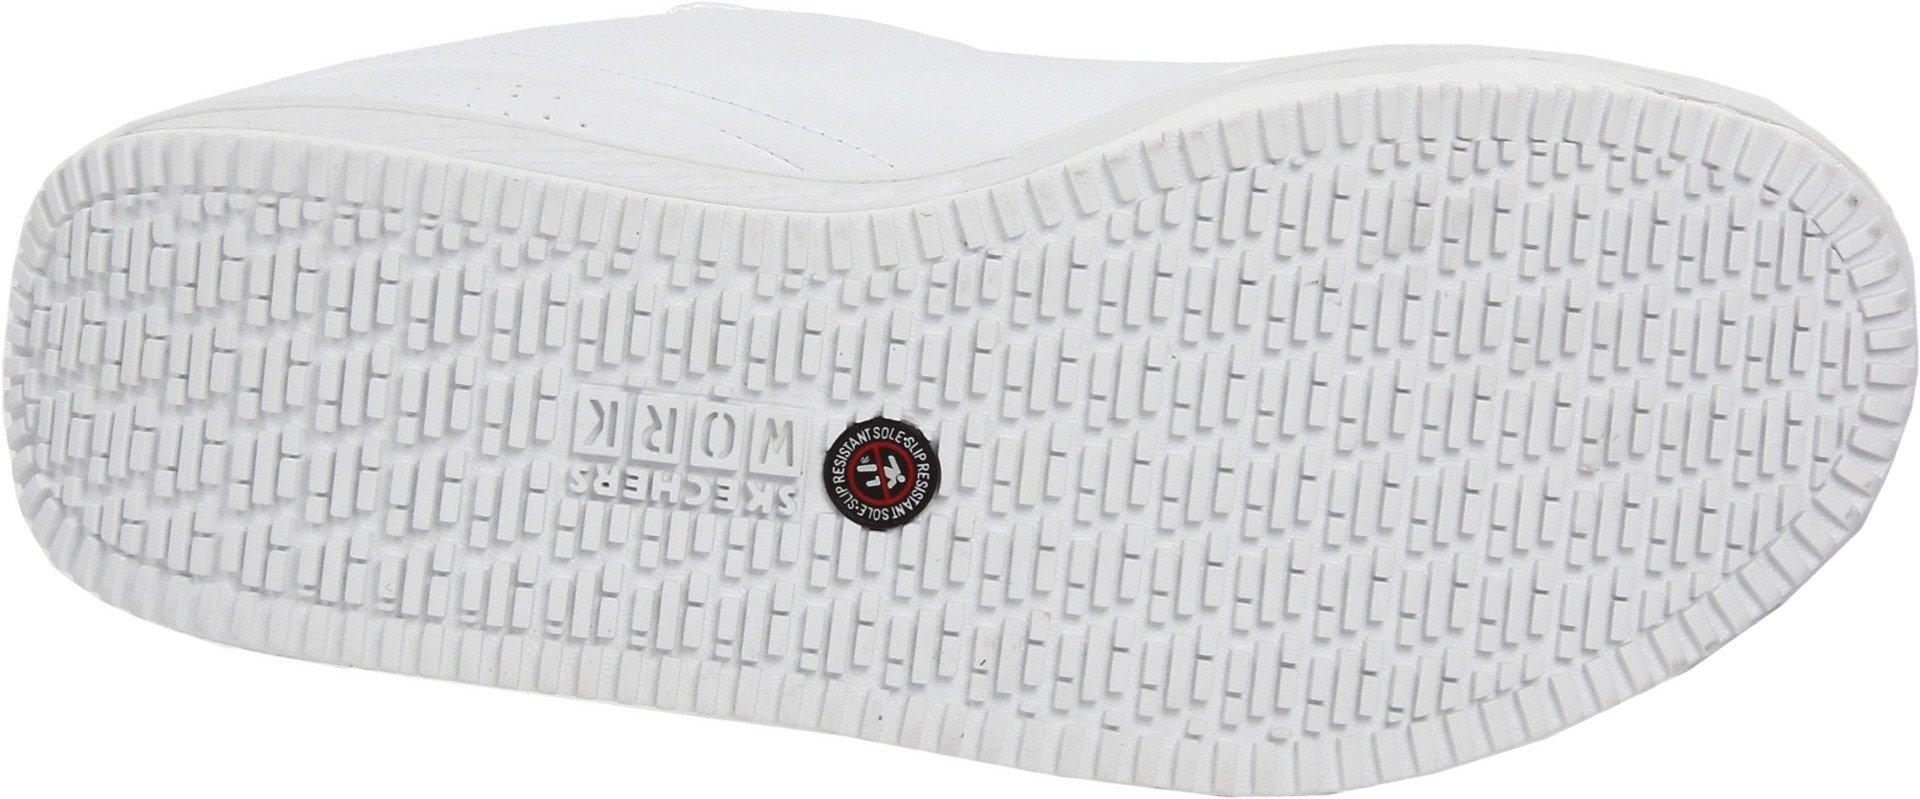 Skechers for Work Women's Shape Ups Slip Resistant Sneaker,White,10 M US by Skechers (Image #3)